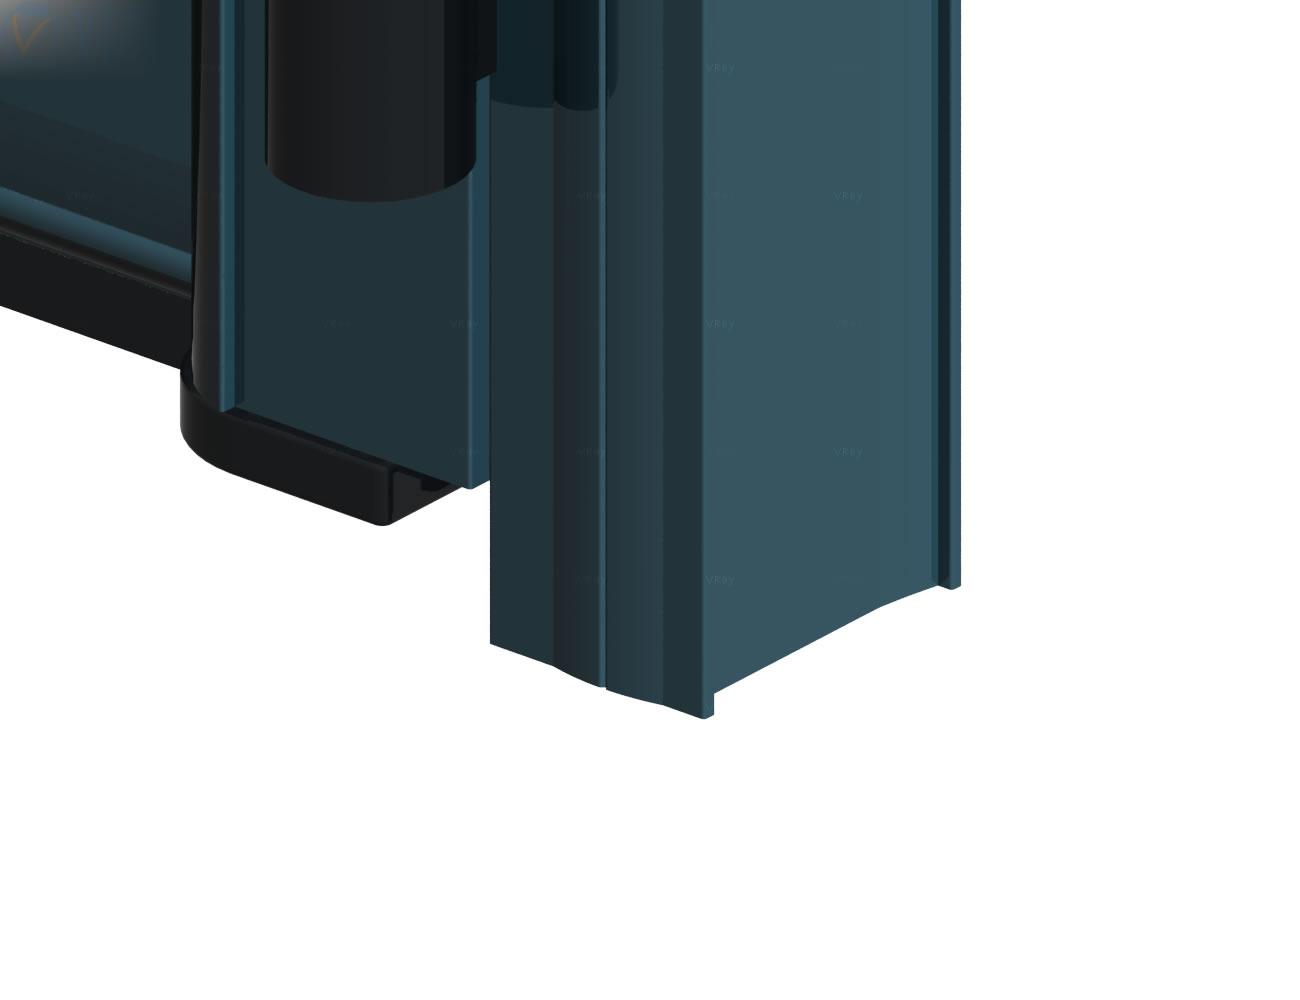 Σίτα ανοιγόμενη Μονόφυλλη Ίσης Κοπής Thumbnail